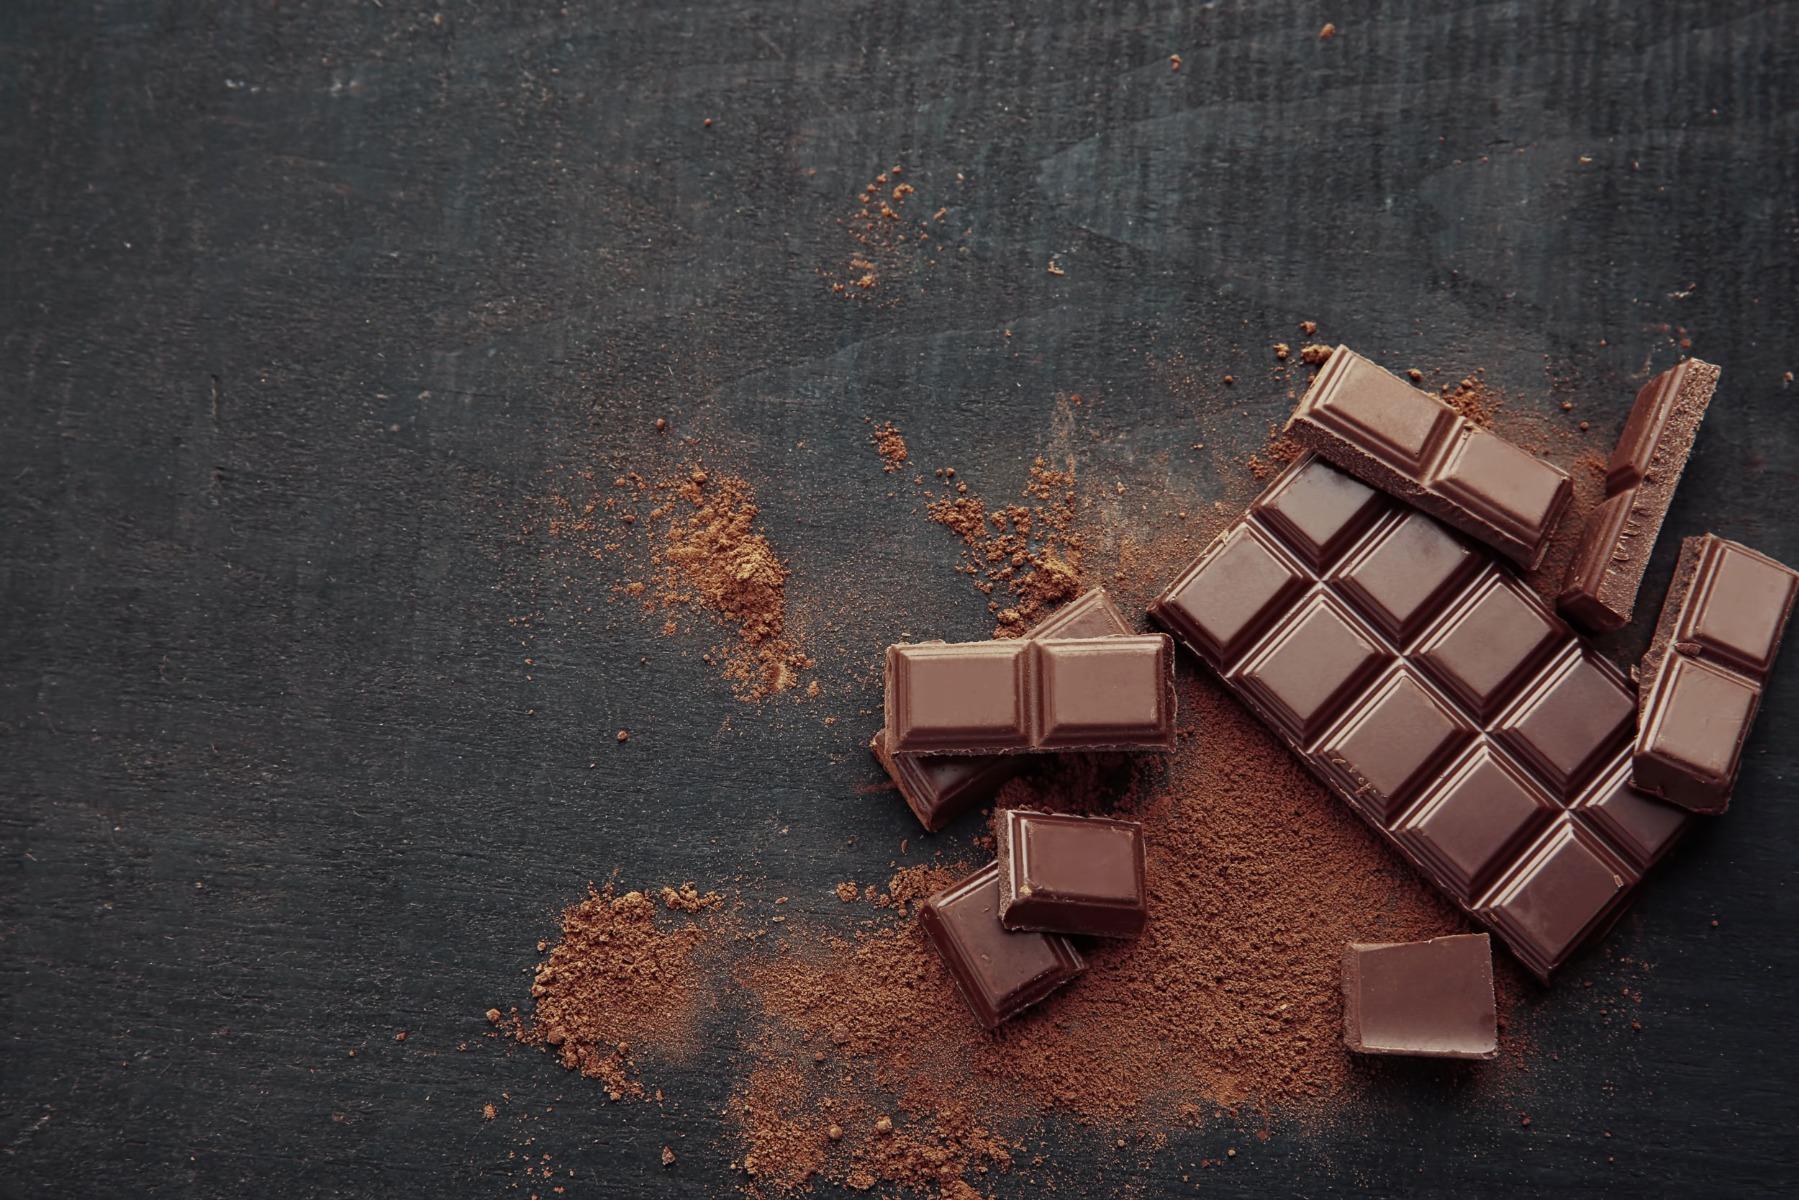 Prik en Tik - Wijnstreken - Foodpairing - Junkfood Chocolade